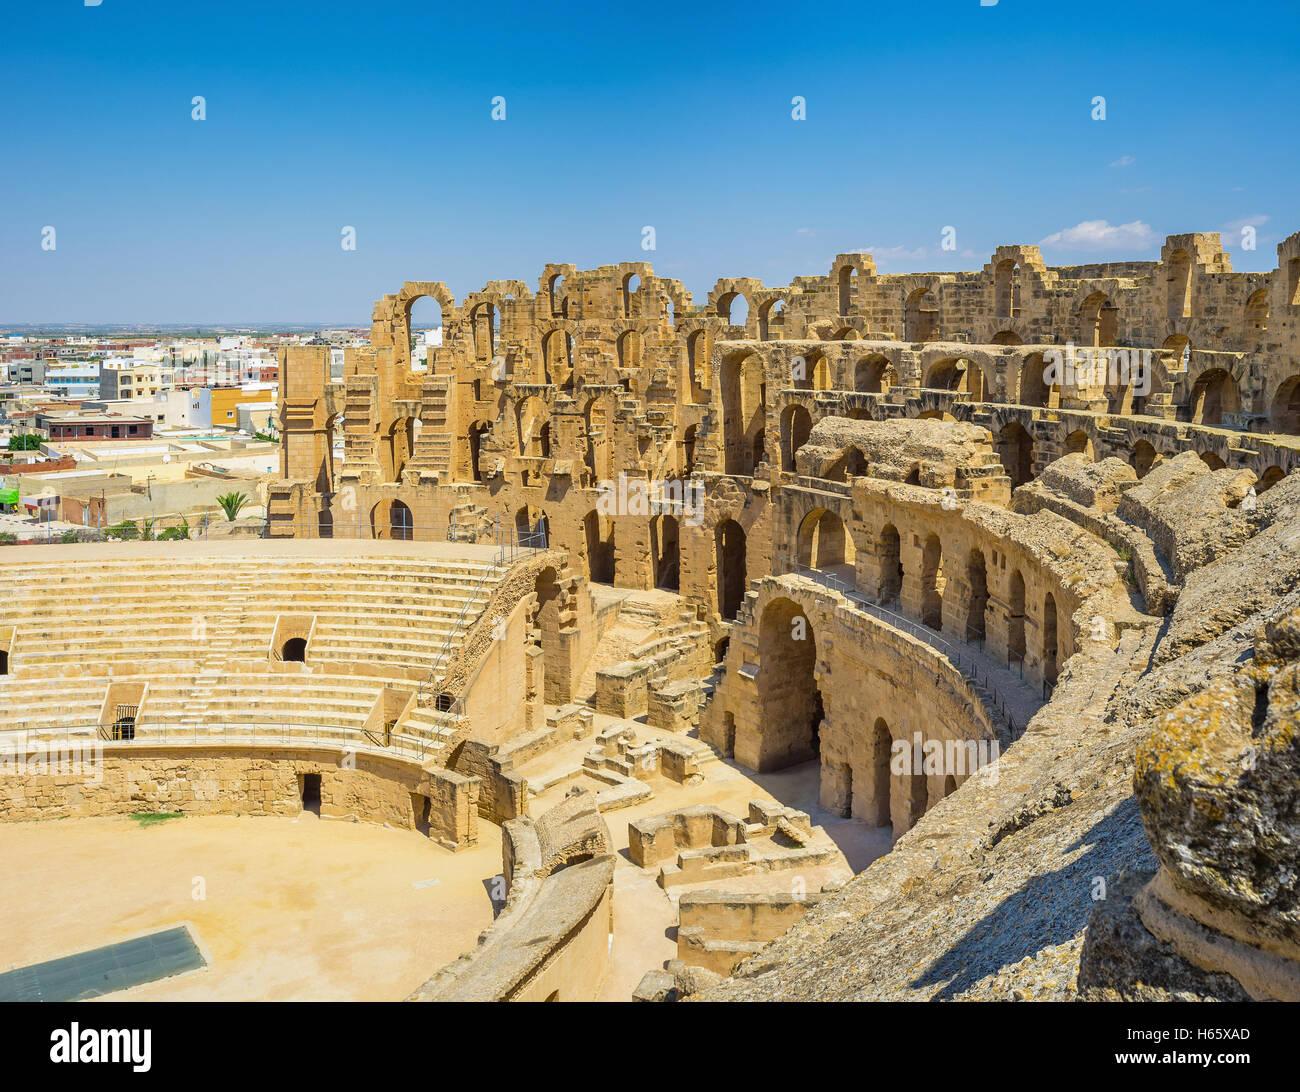 Das berühmte Amphitheater von El Jem ist eines der am besten erhaltenen Wahrzeichen der römischen Periode, Stockbild